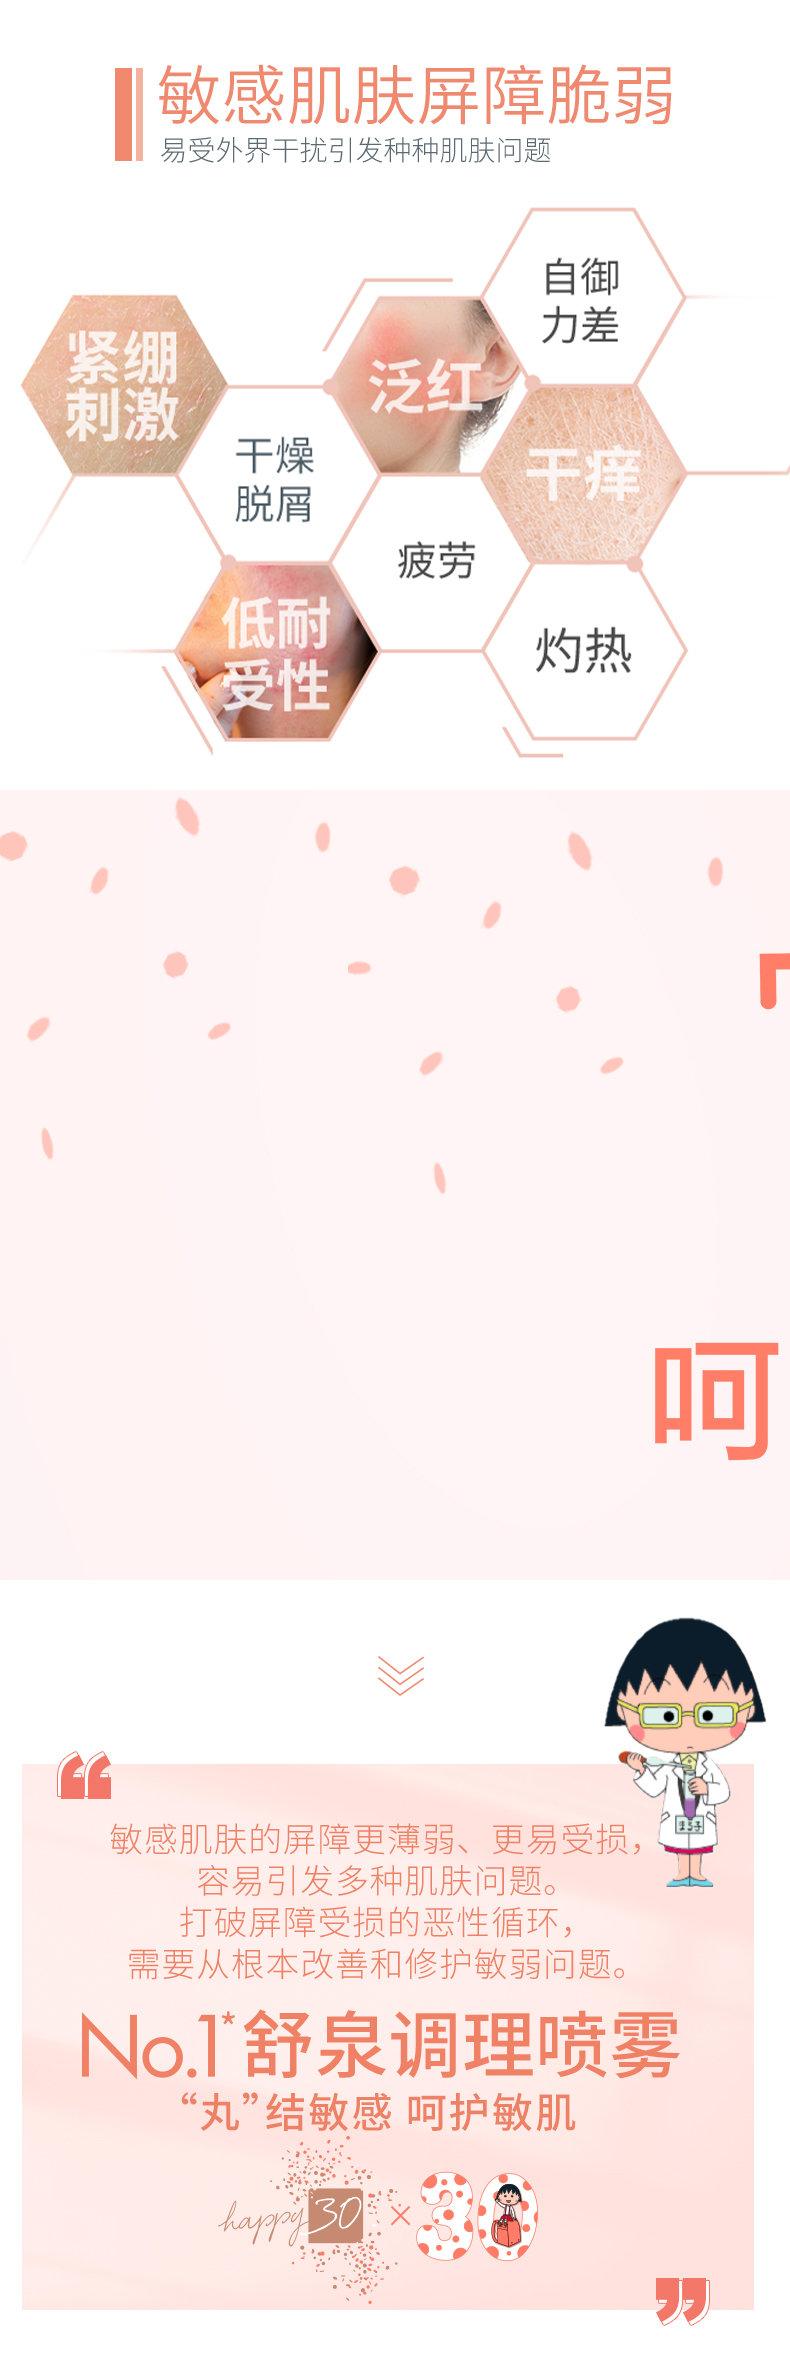 雅漾X樱桃小丸子 丸结敏感天猫礼盒